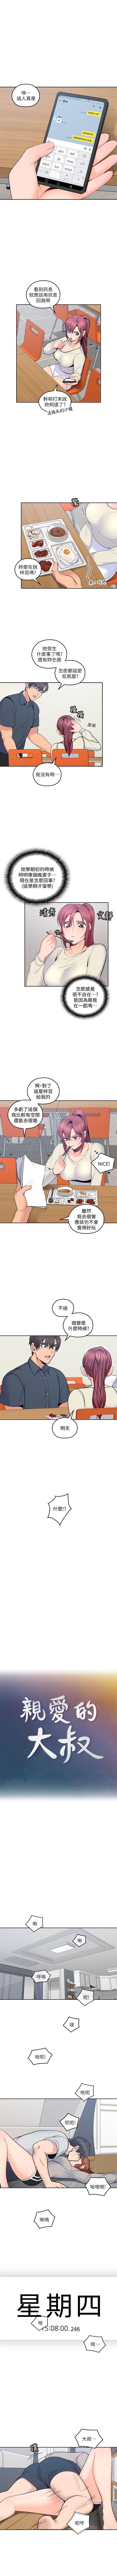 (週4)親愛的大叔 1-39 中文翻譯(更新中) 99